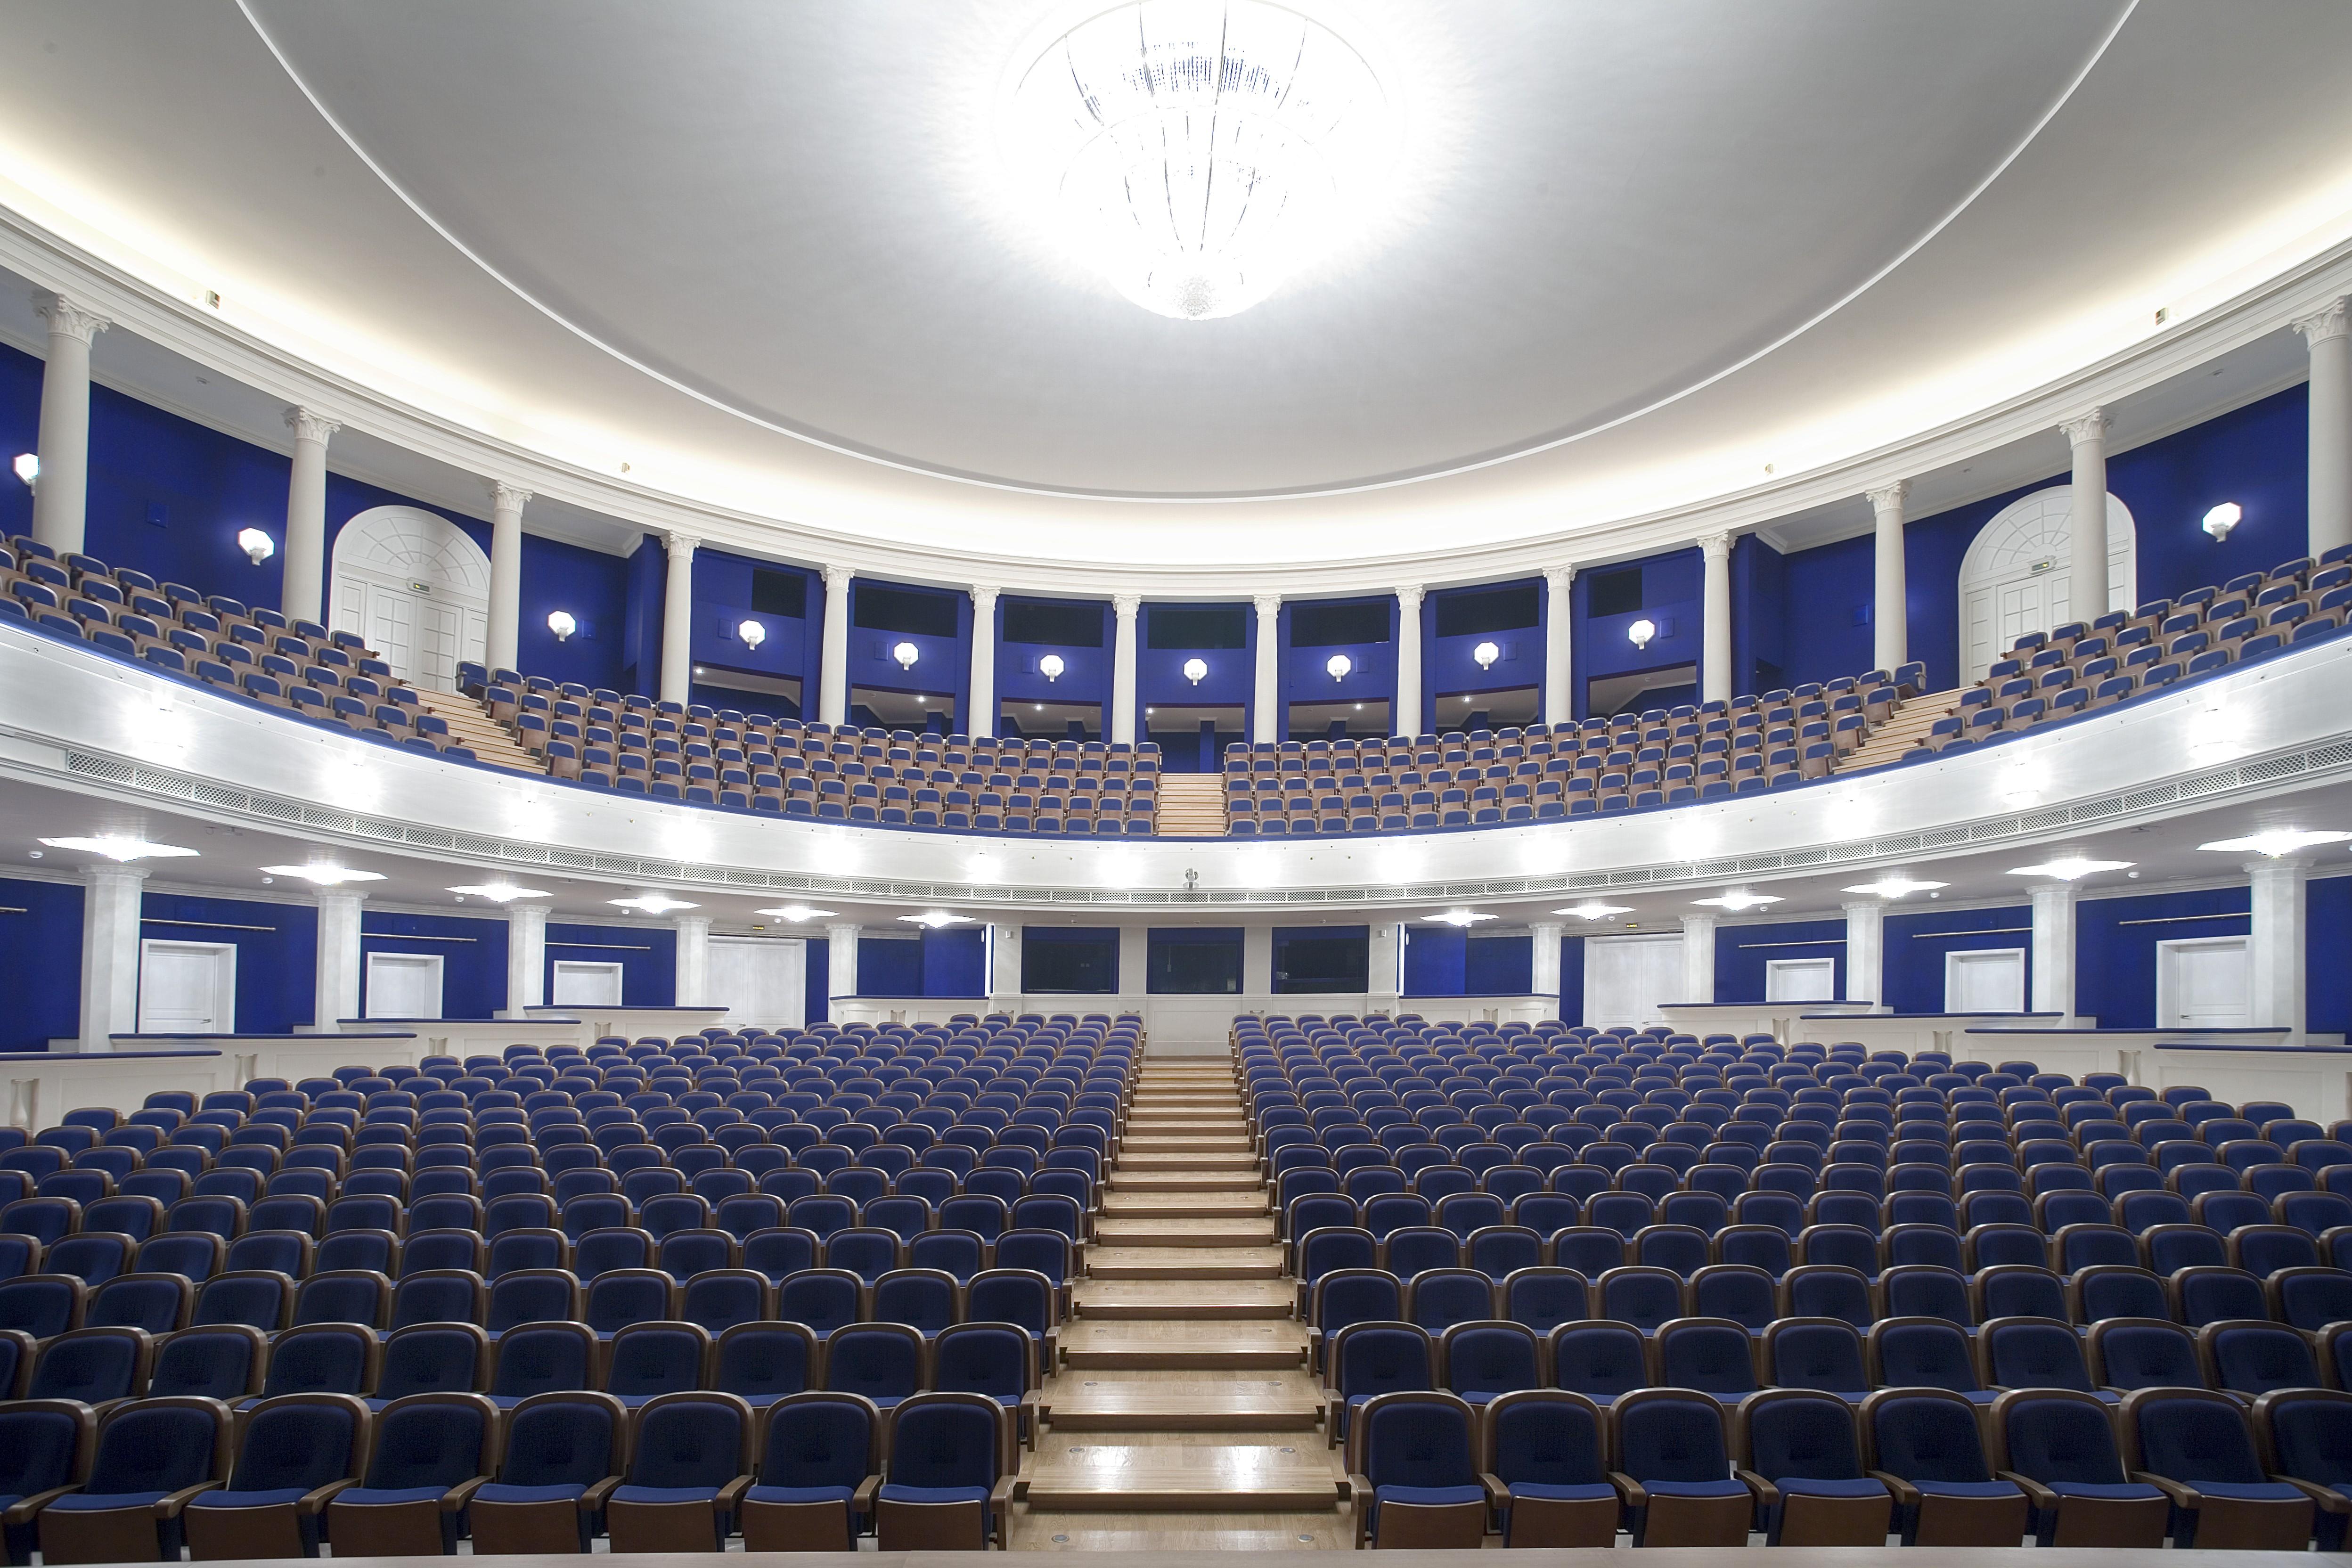 ДК Горького СПб: афиша концертов и спектаклей 2020, купить